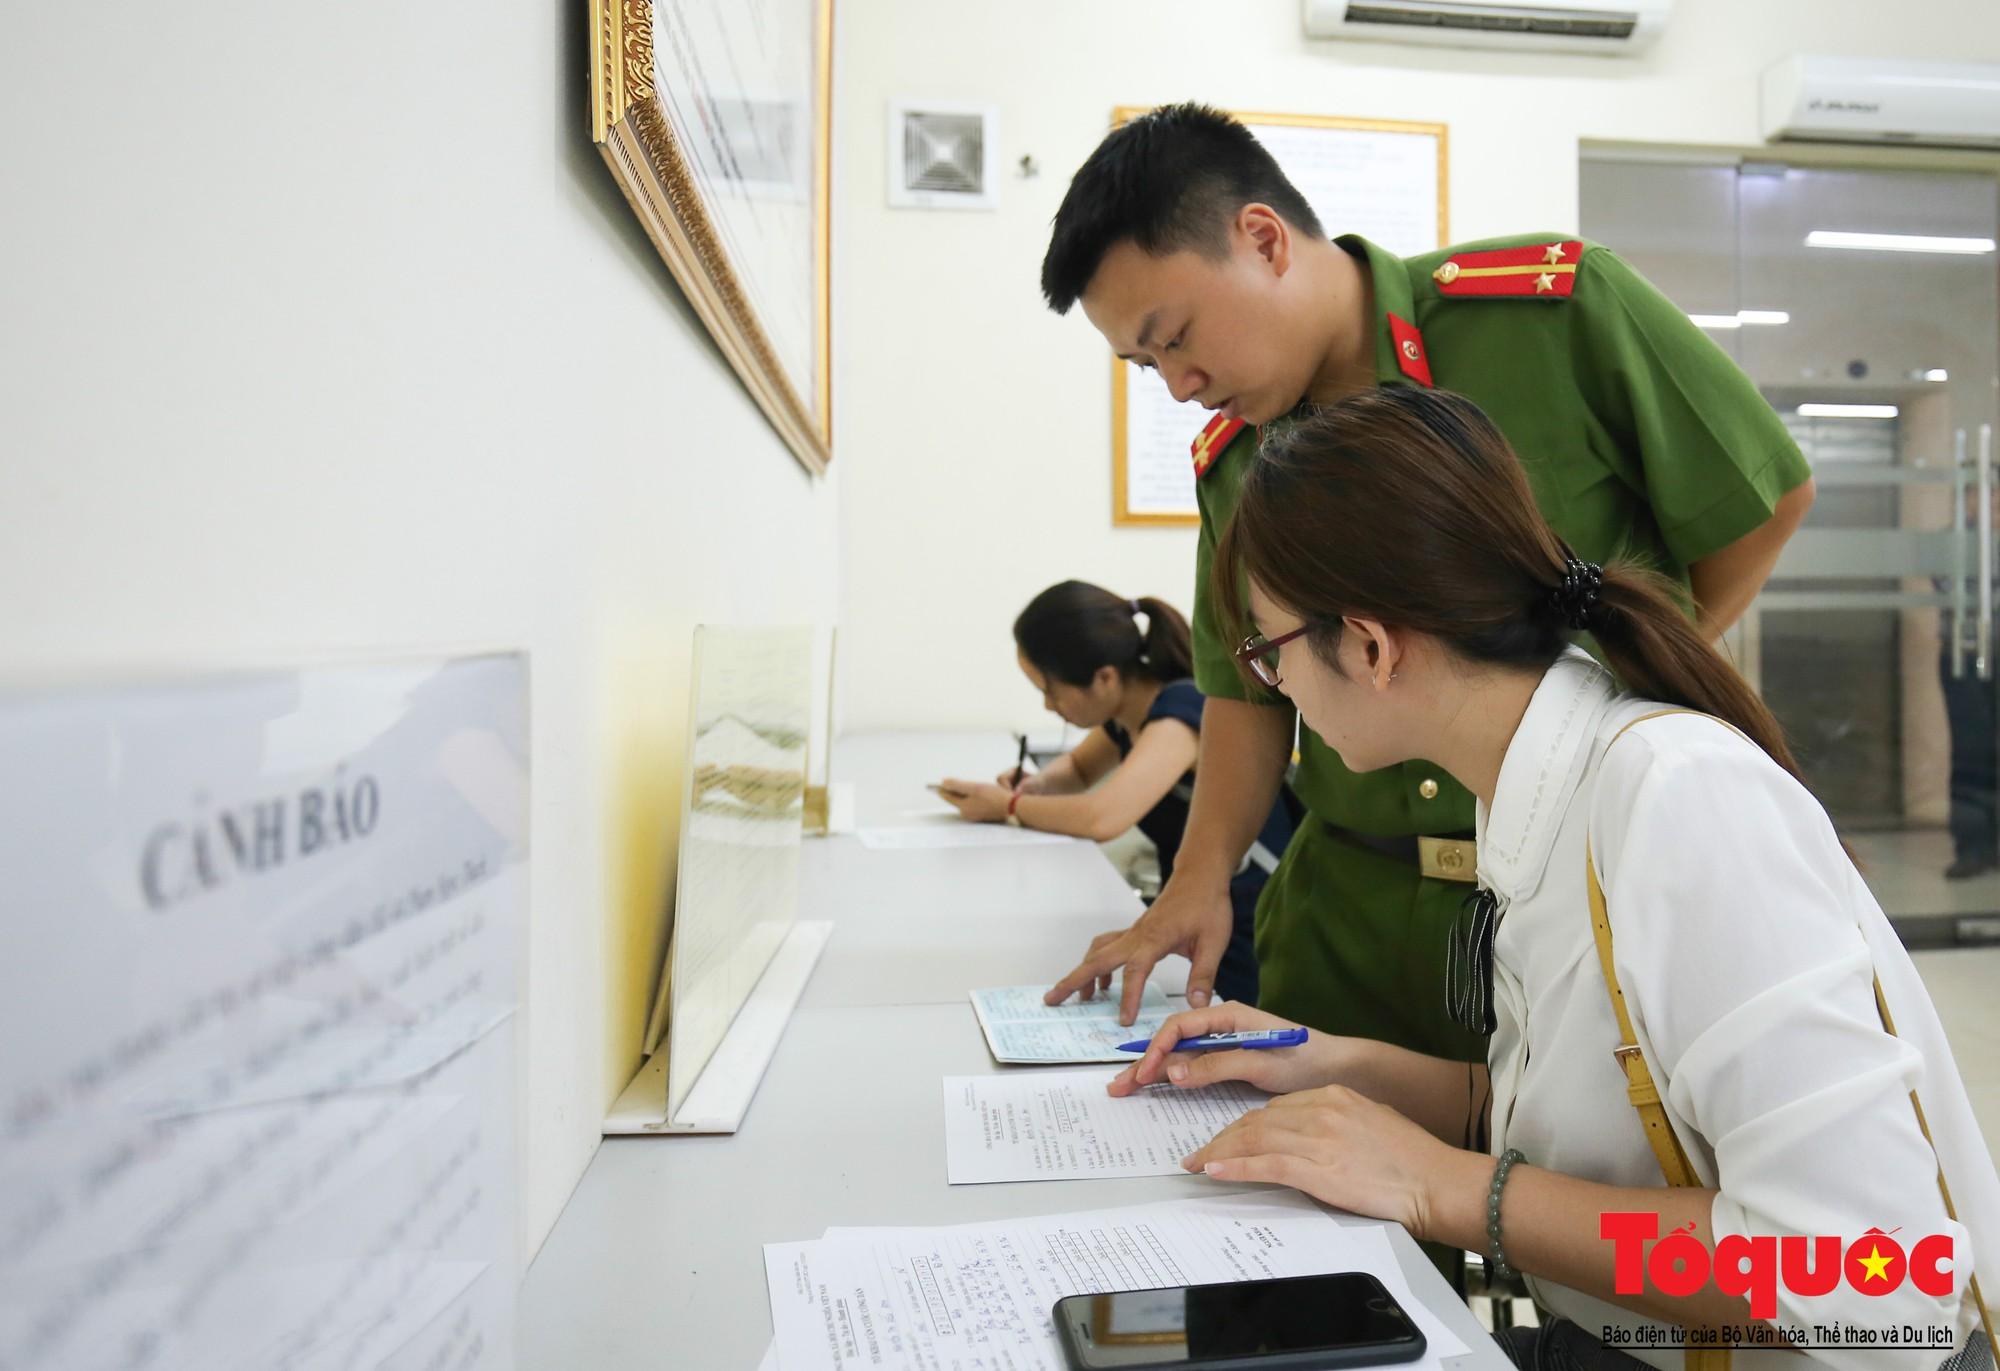 Lực lượng Công an Thủ đô vui tươi, tình nguyện phục vụ nhân dân trong Chủ Nhật (9)